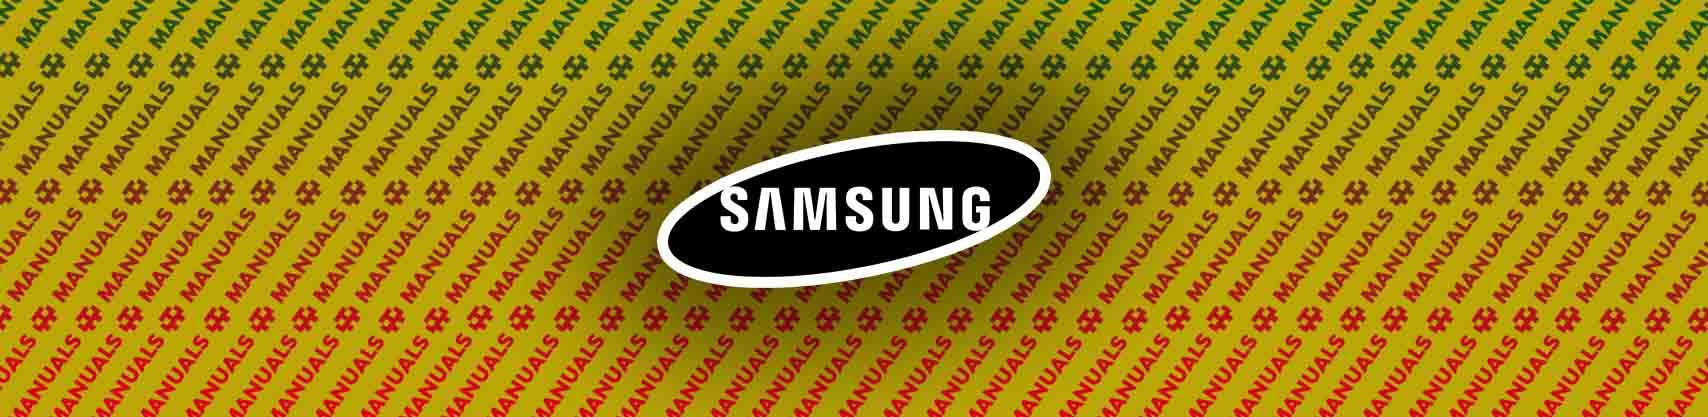 Samsung MU8000 Manual